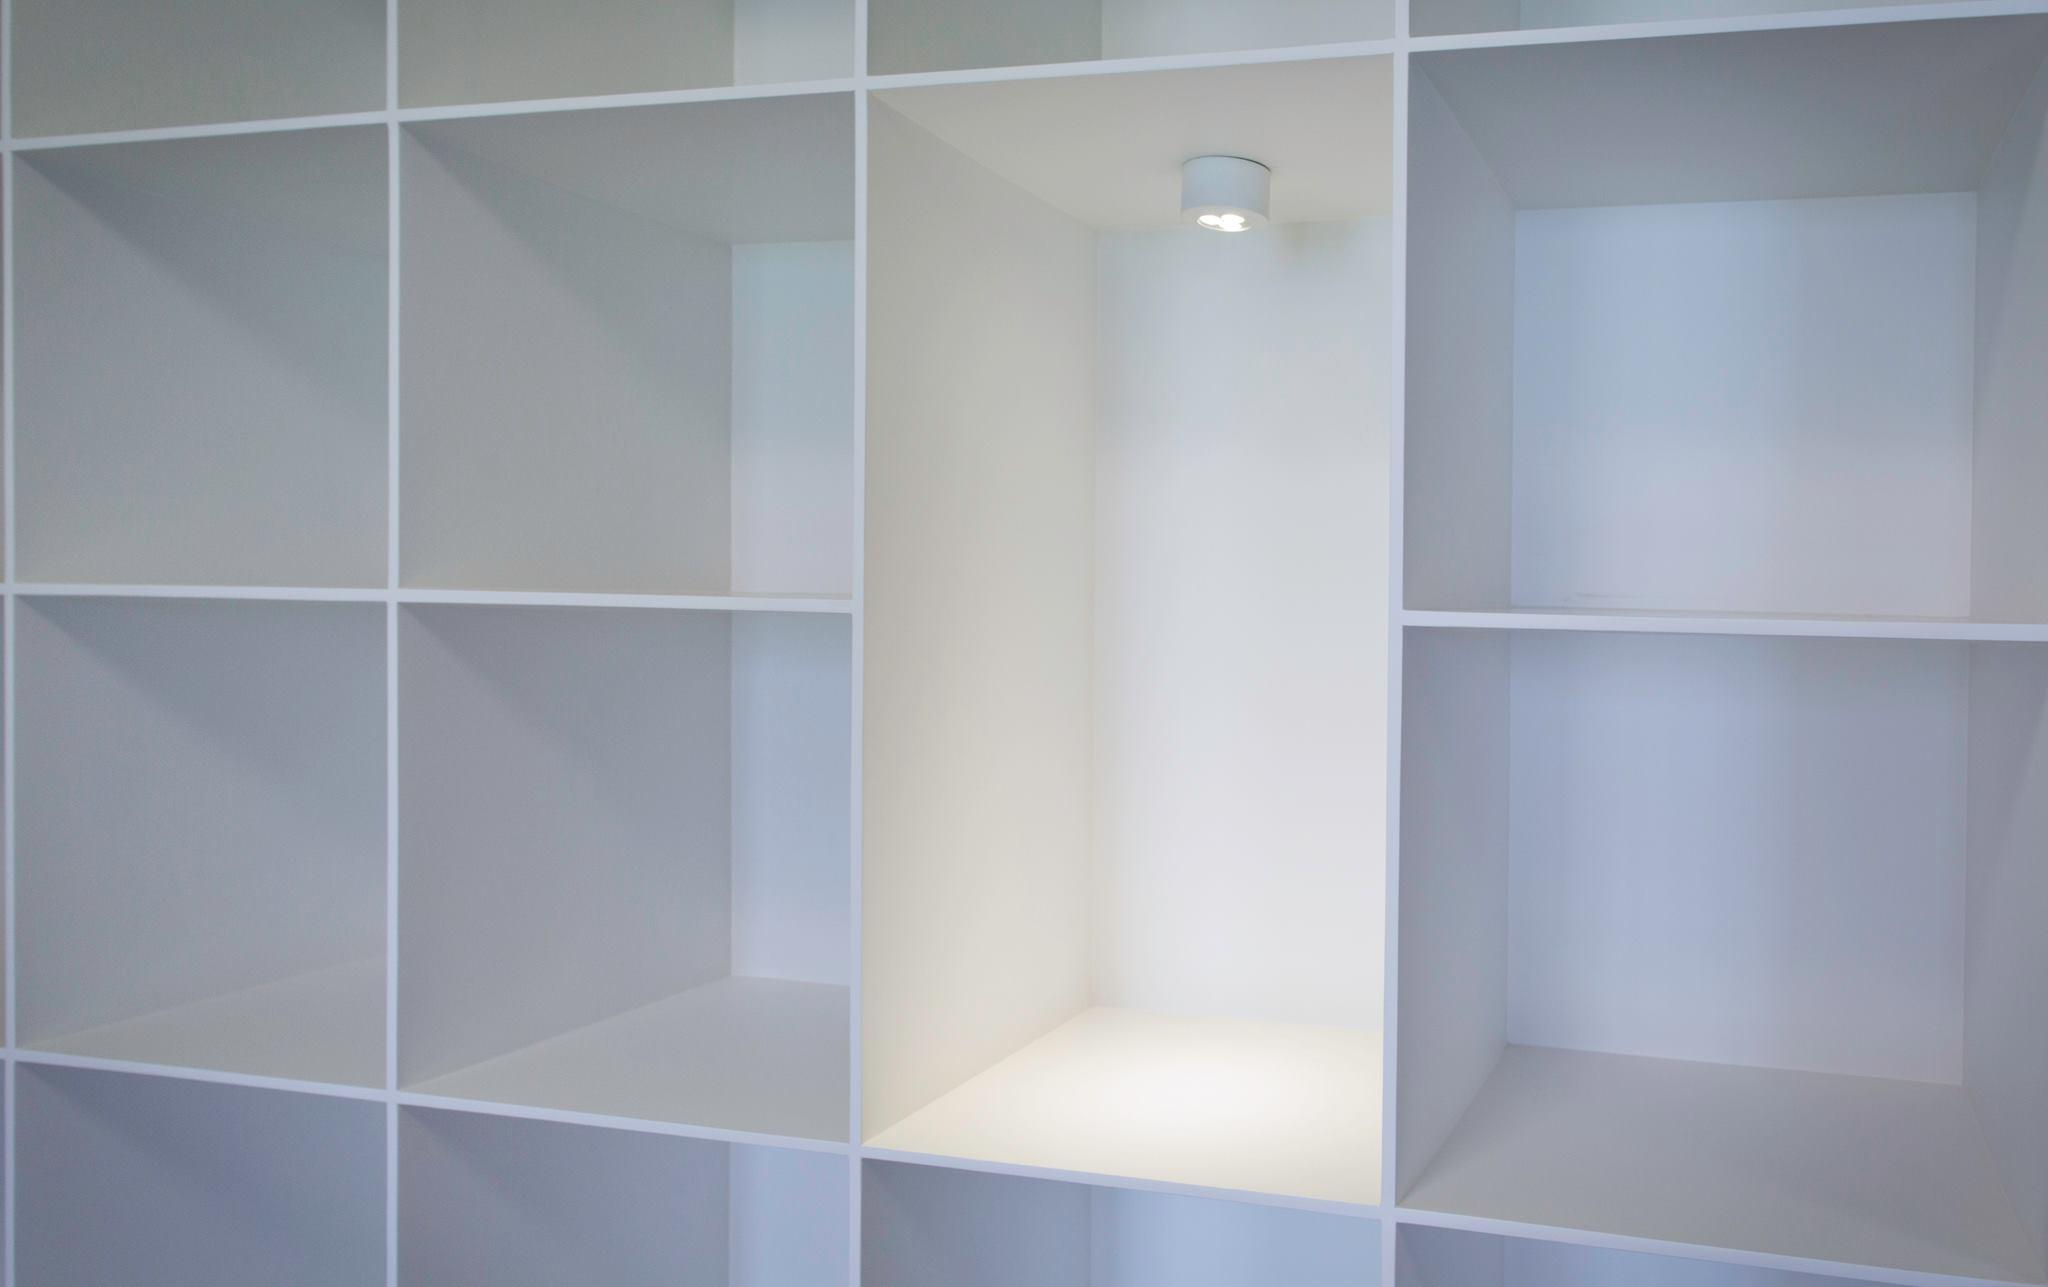 格子架的所有板材在設計上是讓接近兩公分厚的板子漸漸削薄至正面看到的一公分厚,讓架子同時擁有輕盈的視覺與堅固的結構